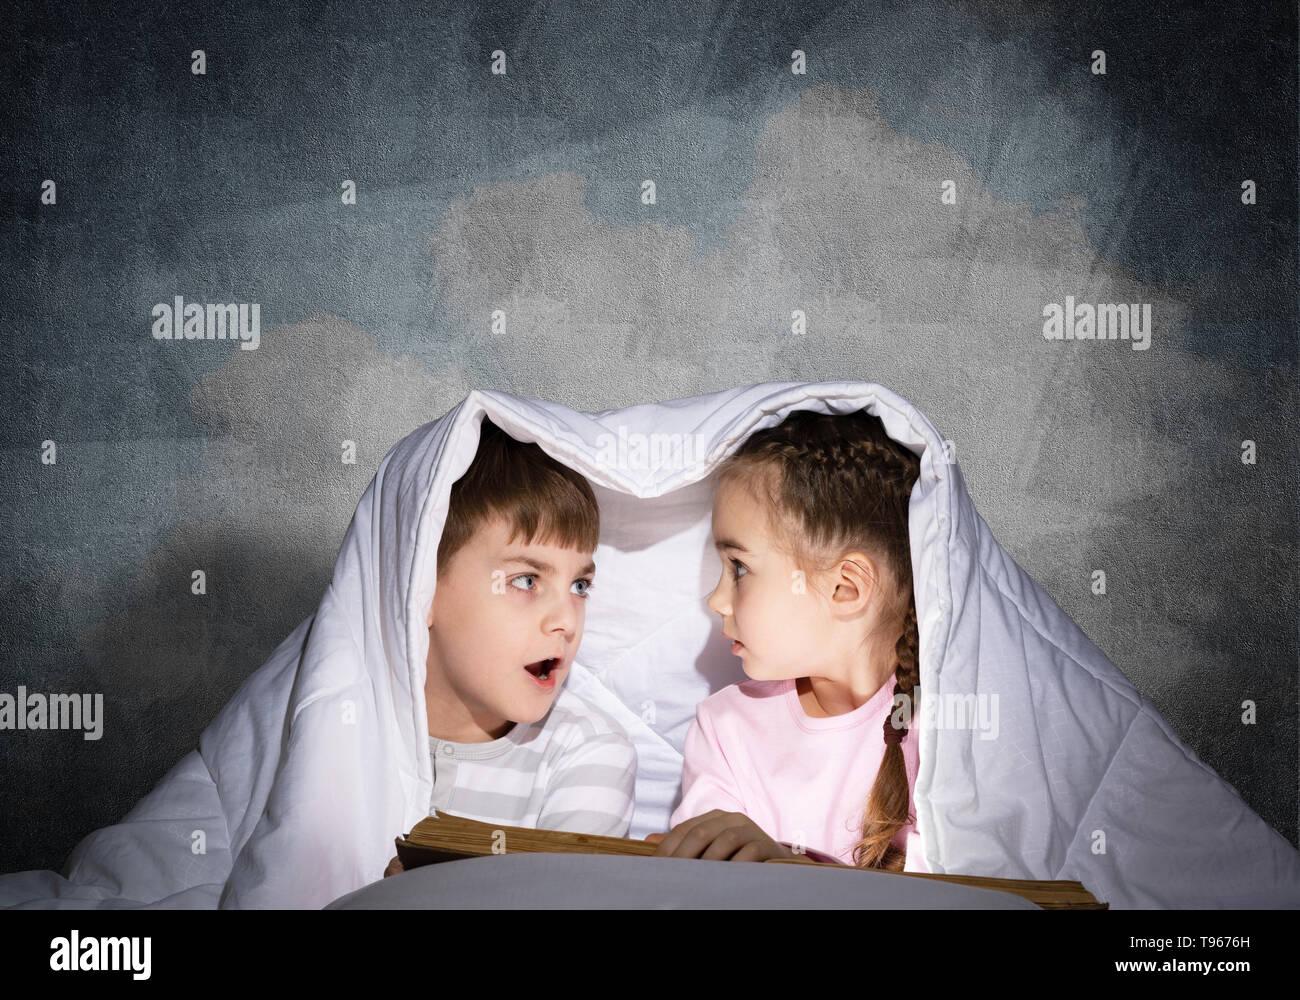 Verängstigten Mädchen und Jungen an der jeweils anderen suchen Stockbild